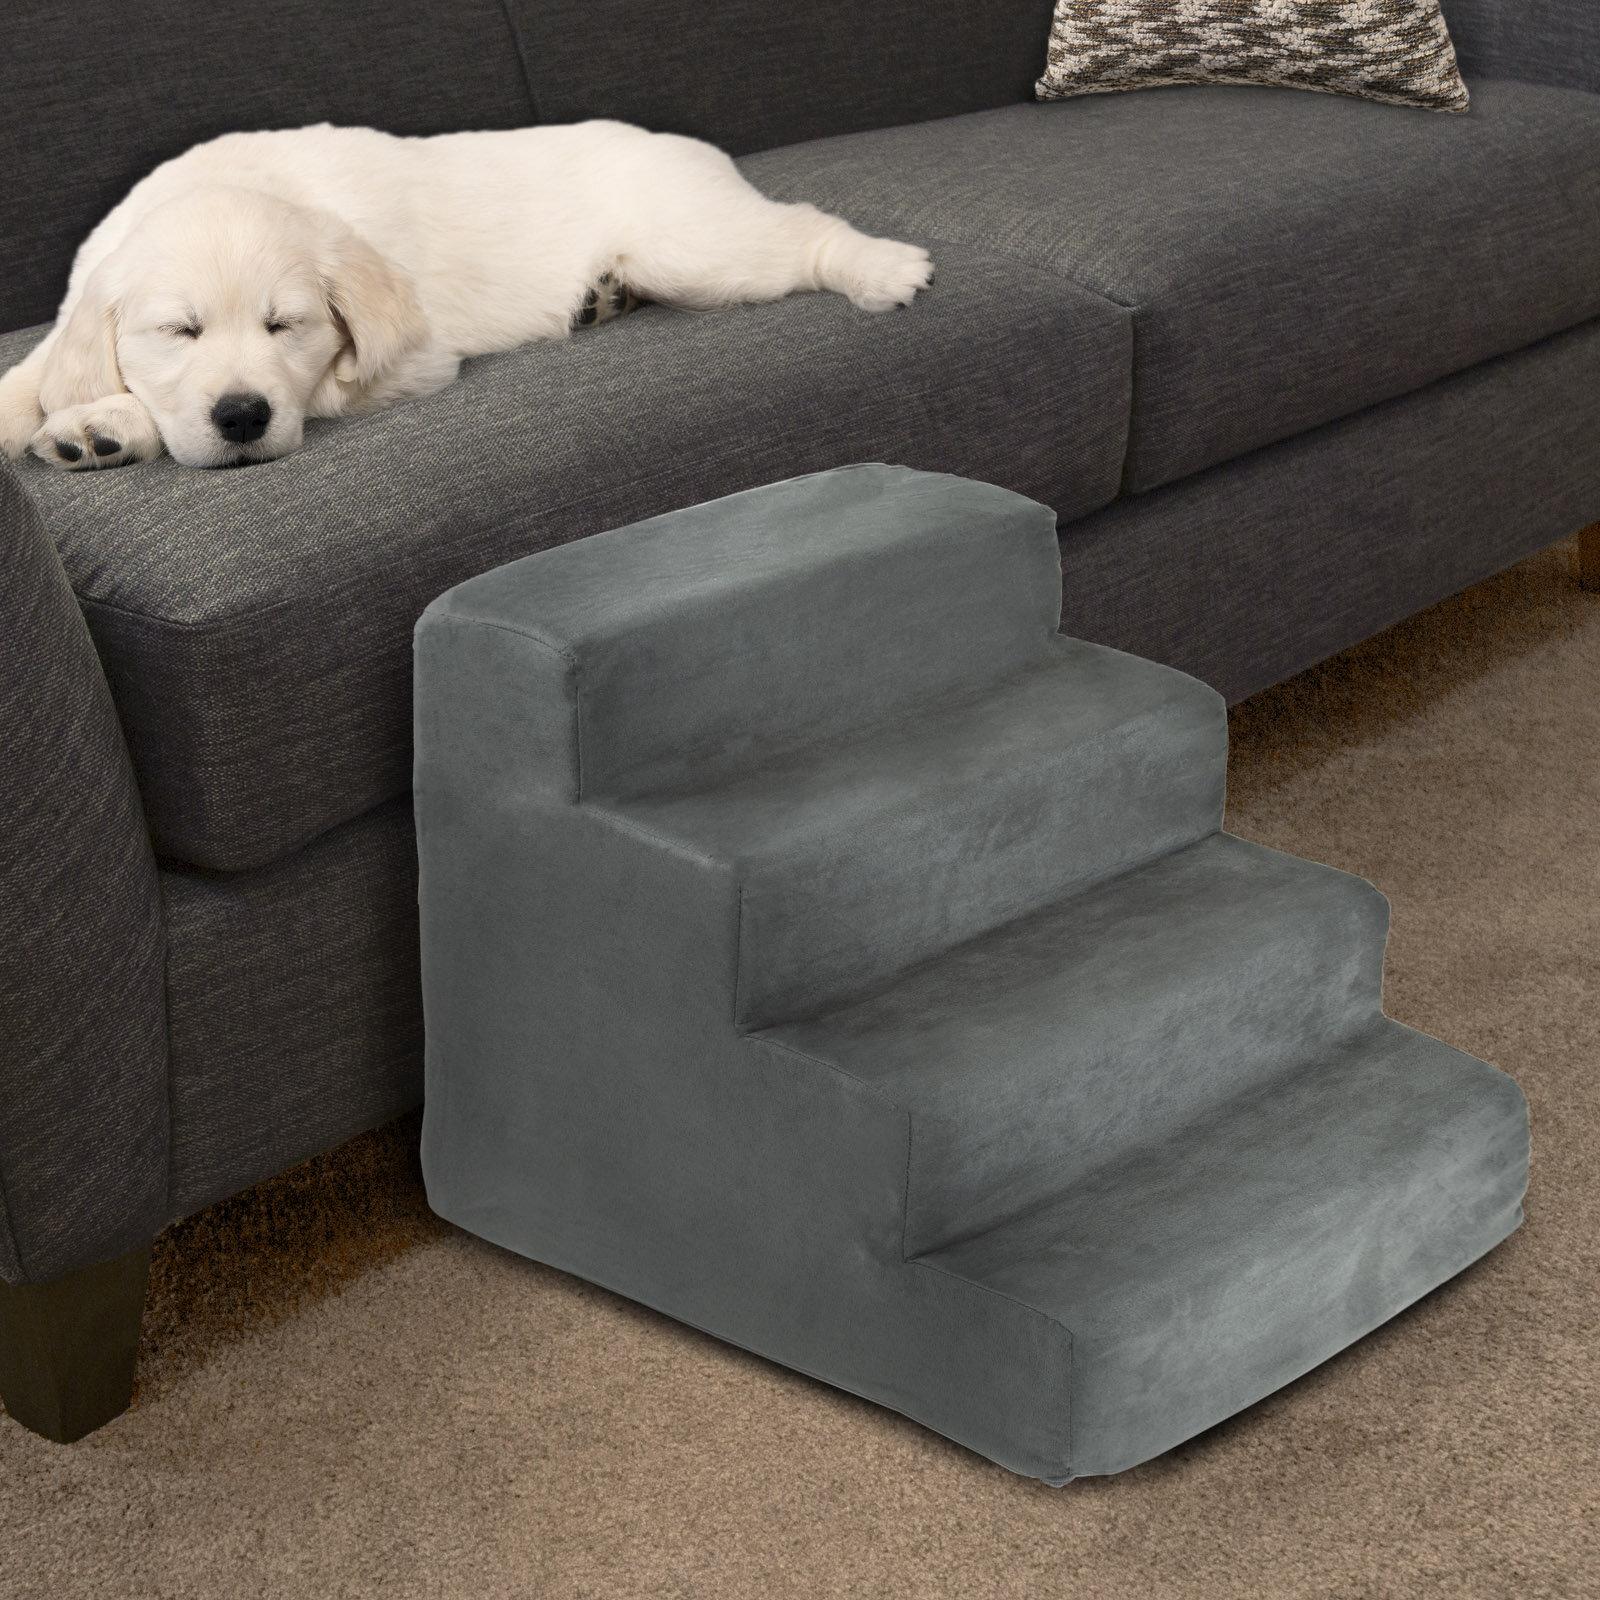 Incroyable Tucker Murphy Pet Harper 4 Step Foam Pet Stairs | Wayfair